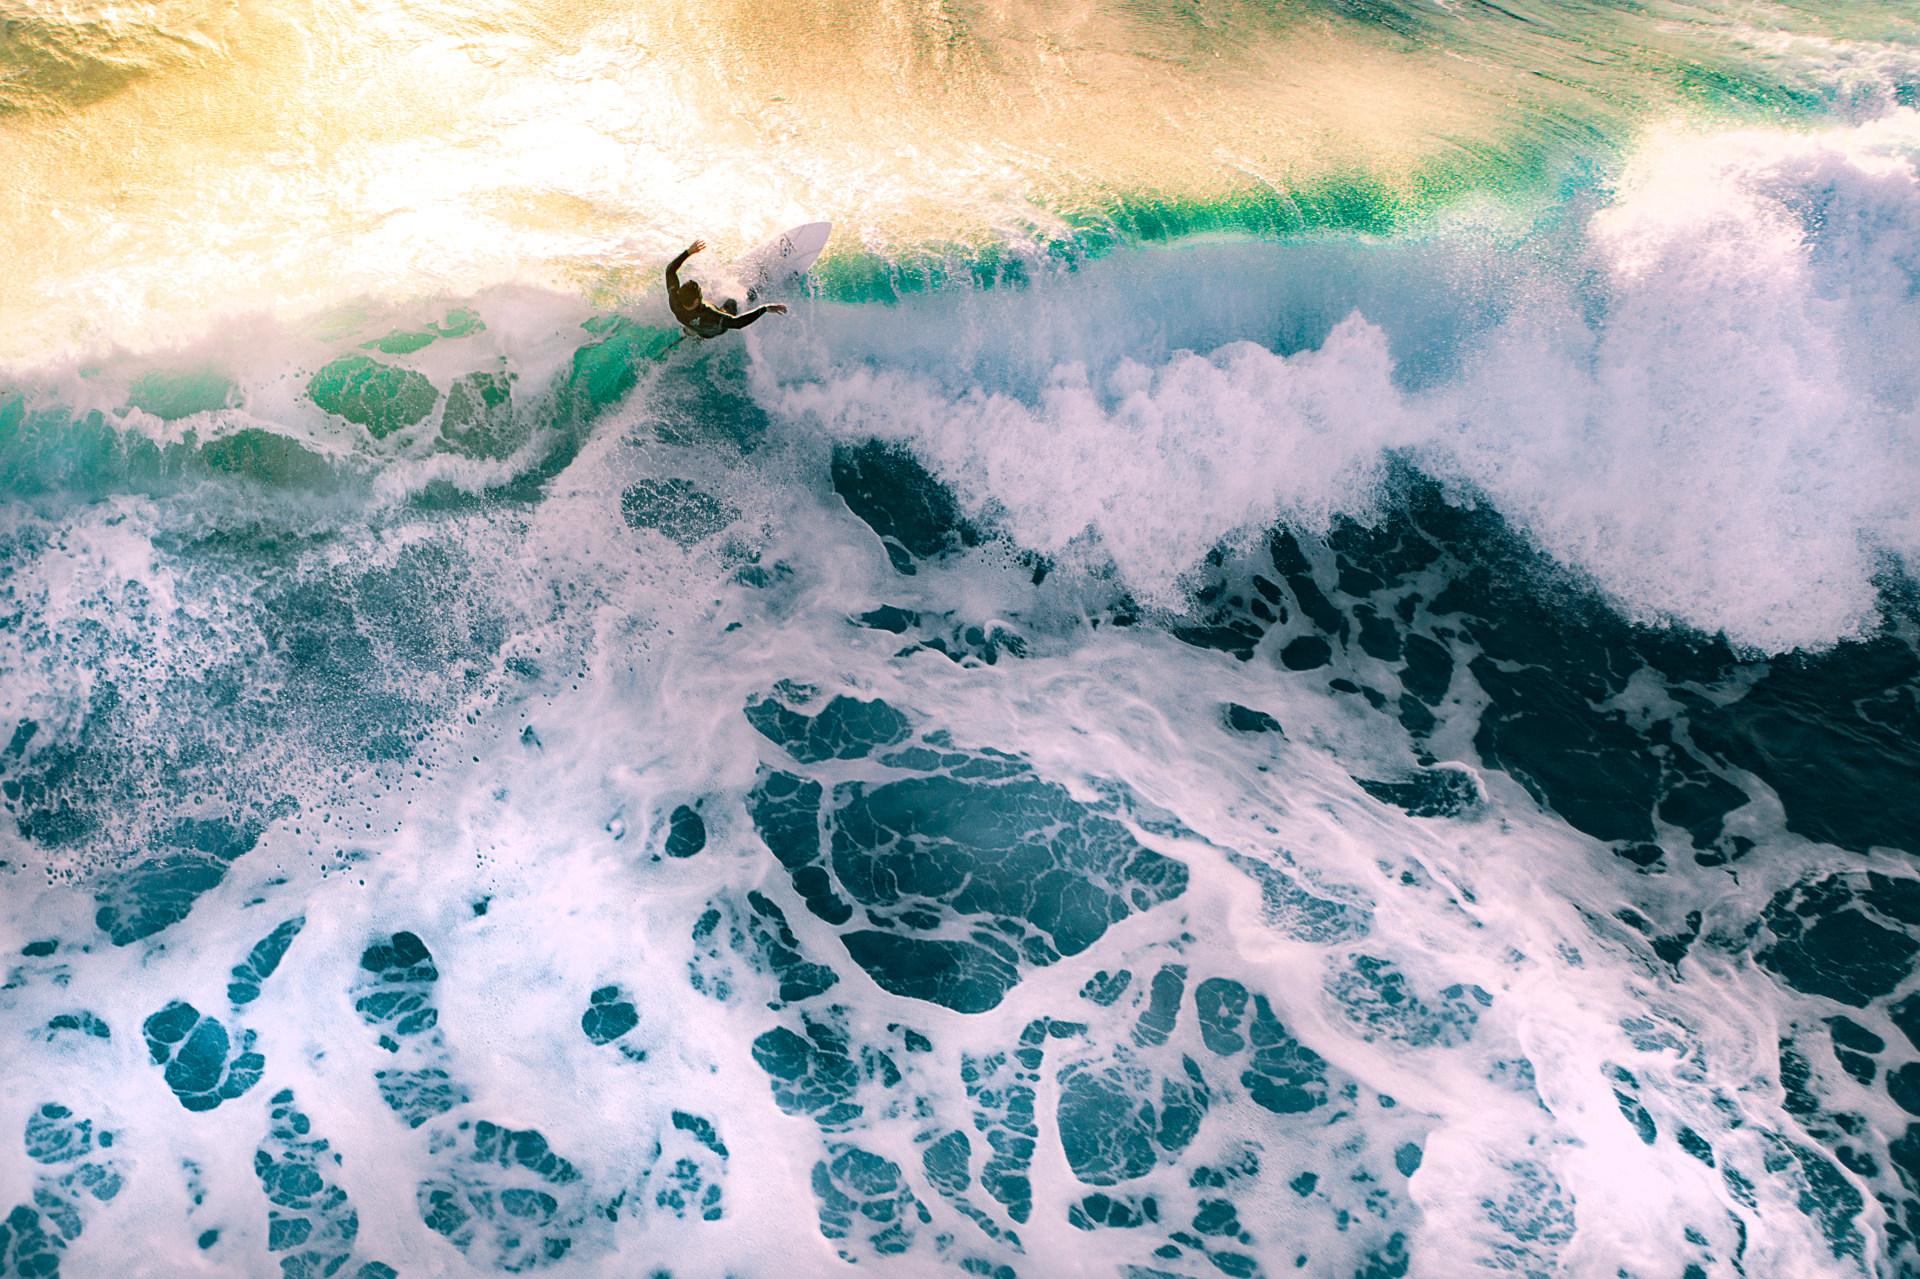 fotografia-aerea-droni-dji-sport-acquatici-9